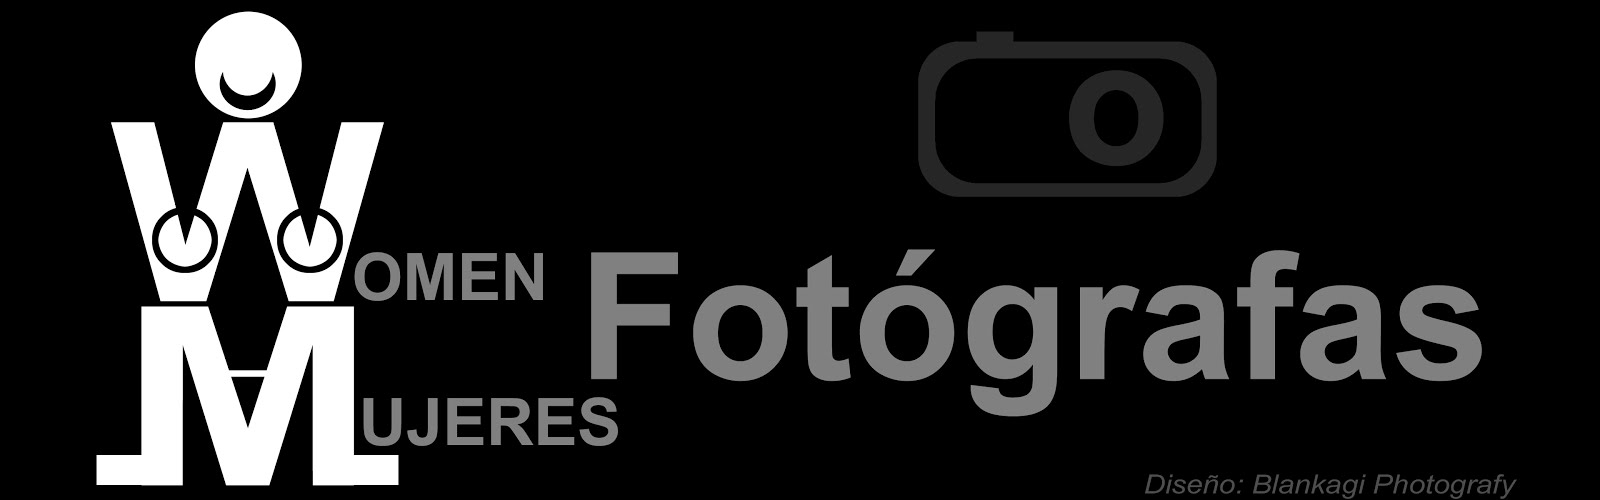 WM Fotógrafas